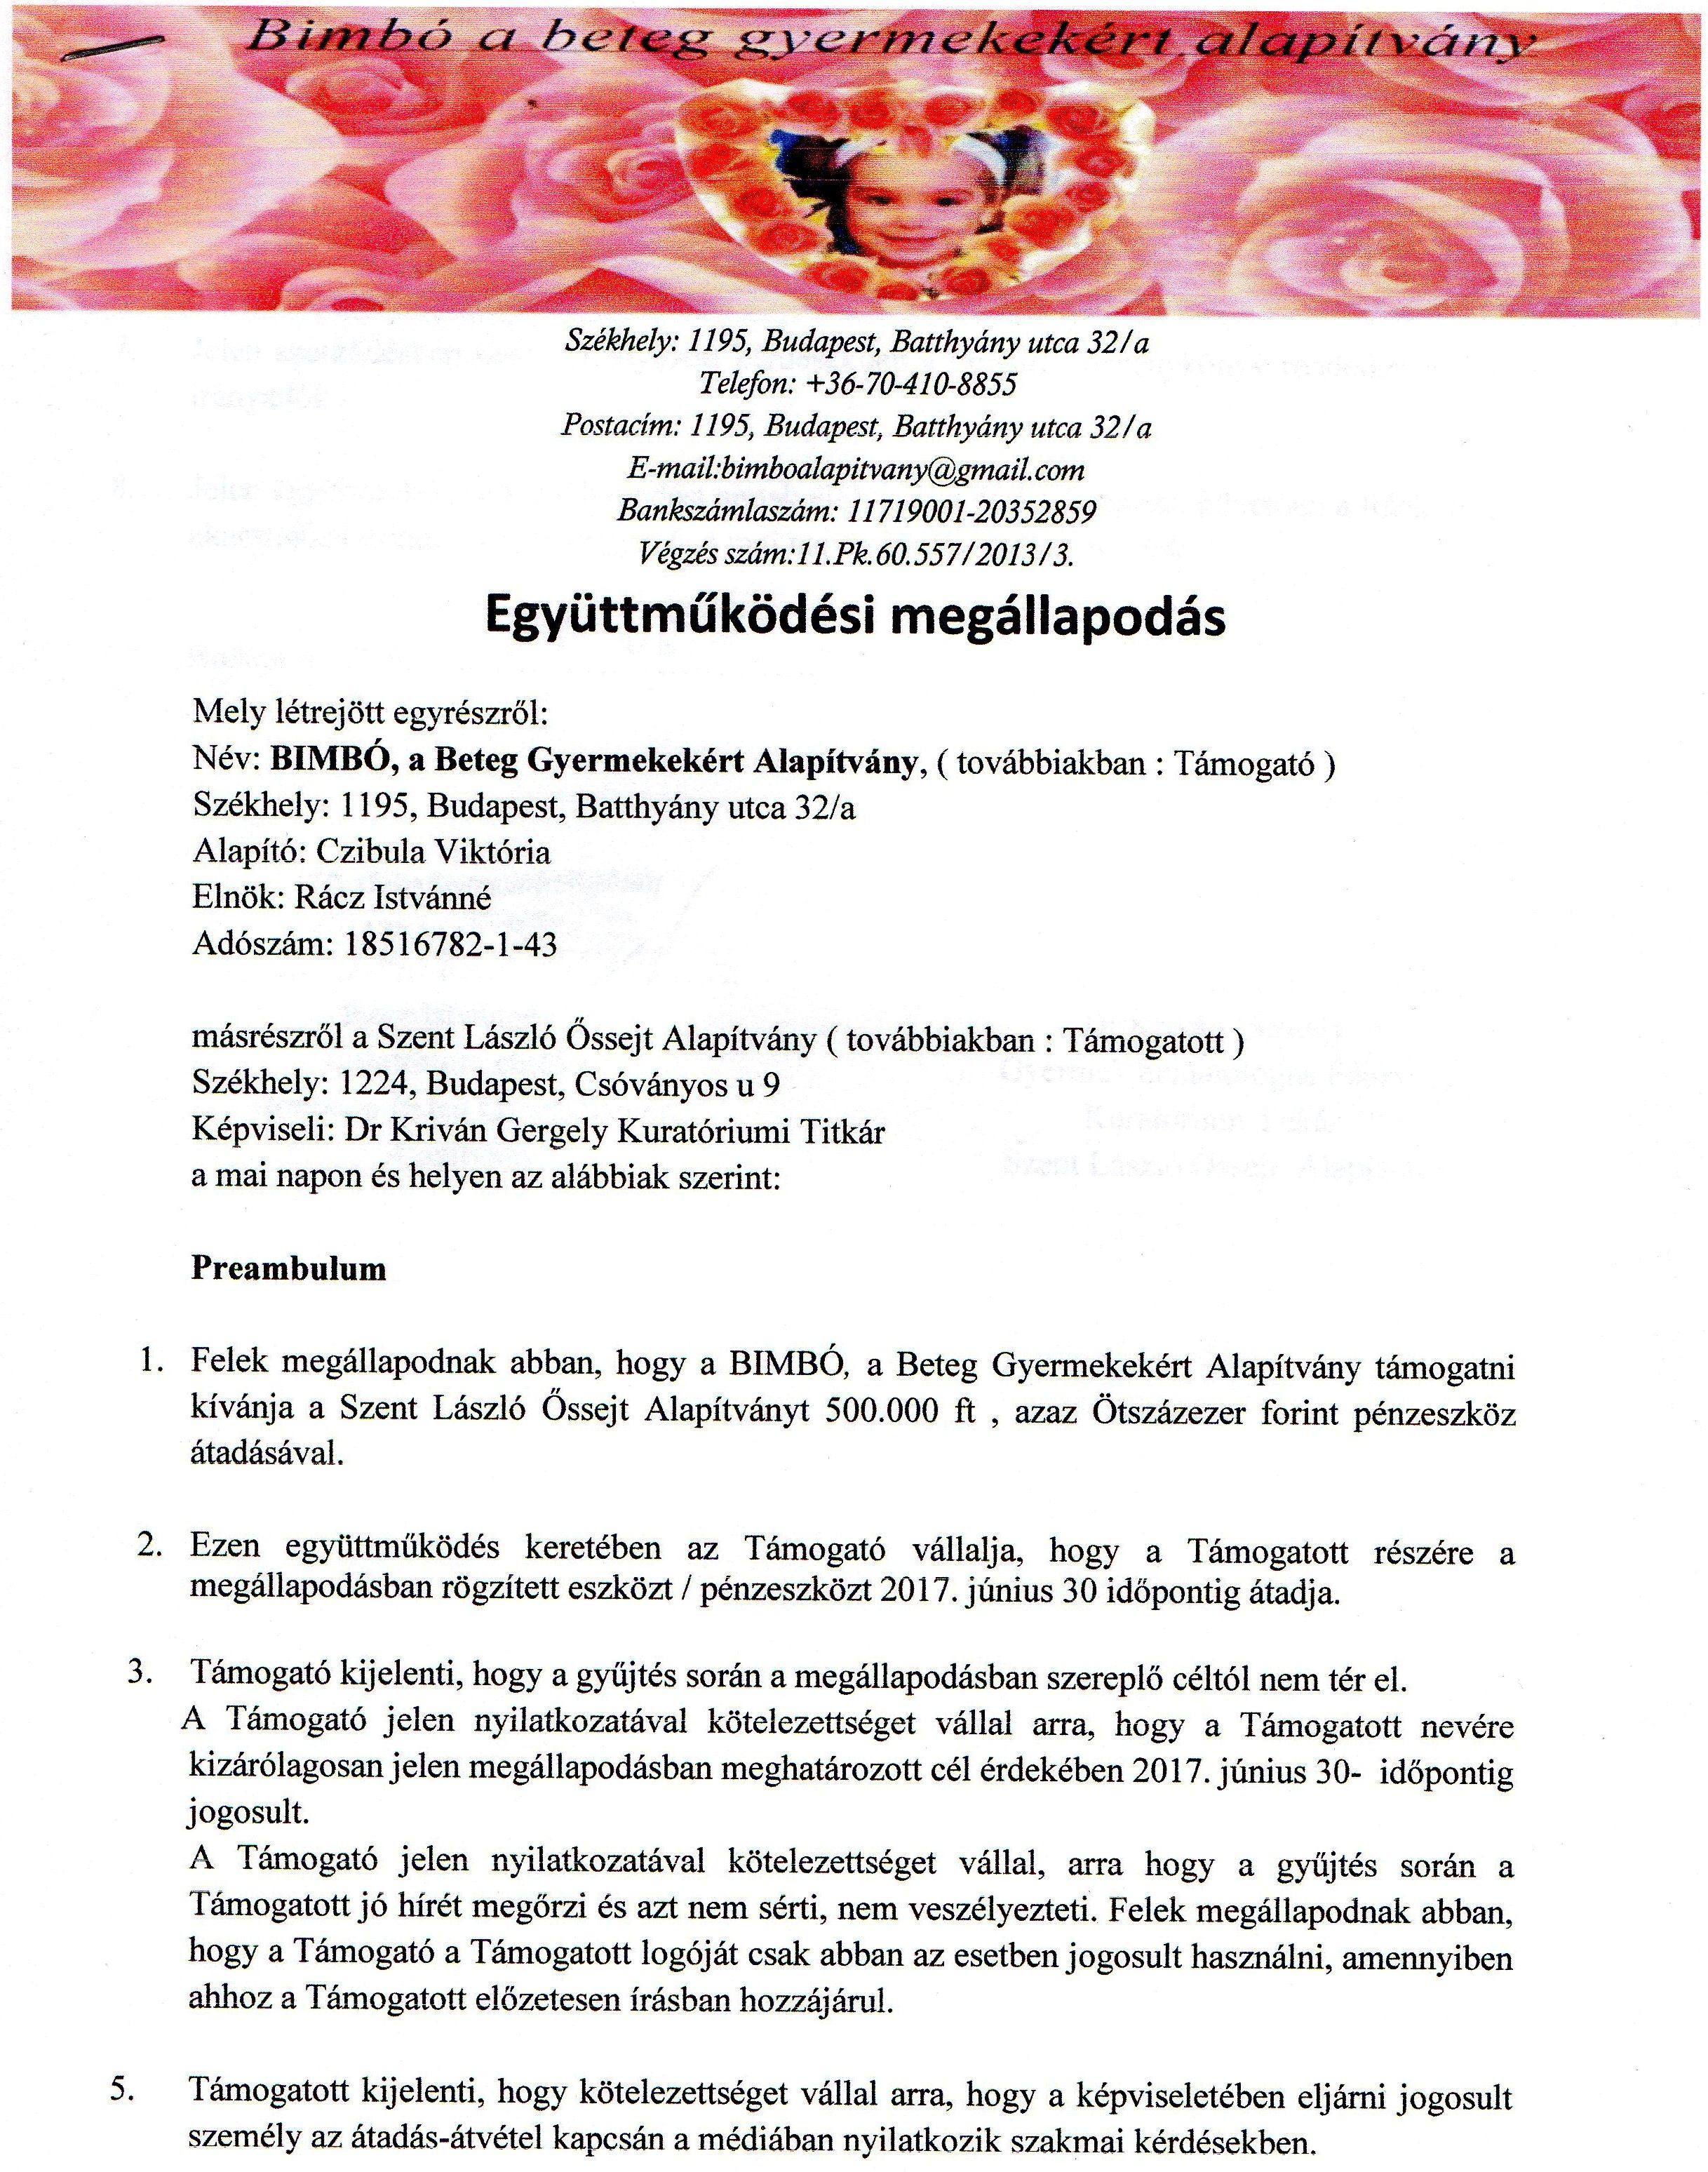 Szent László Kórház - Együttműködési megállapodás 1.